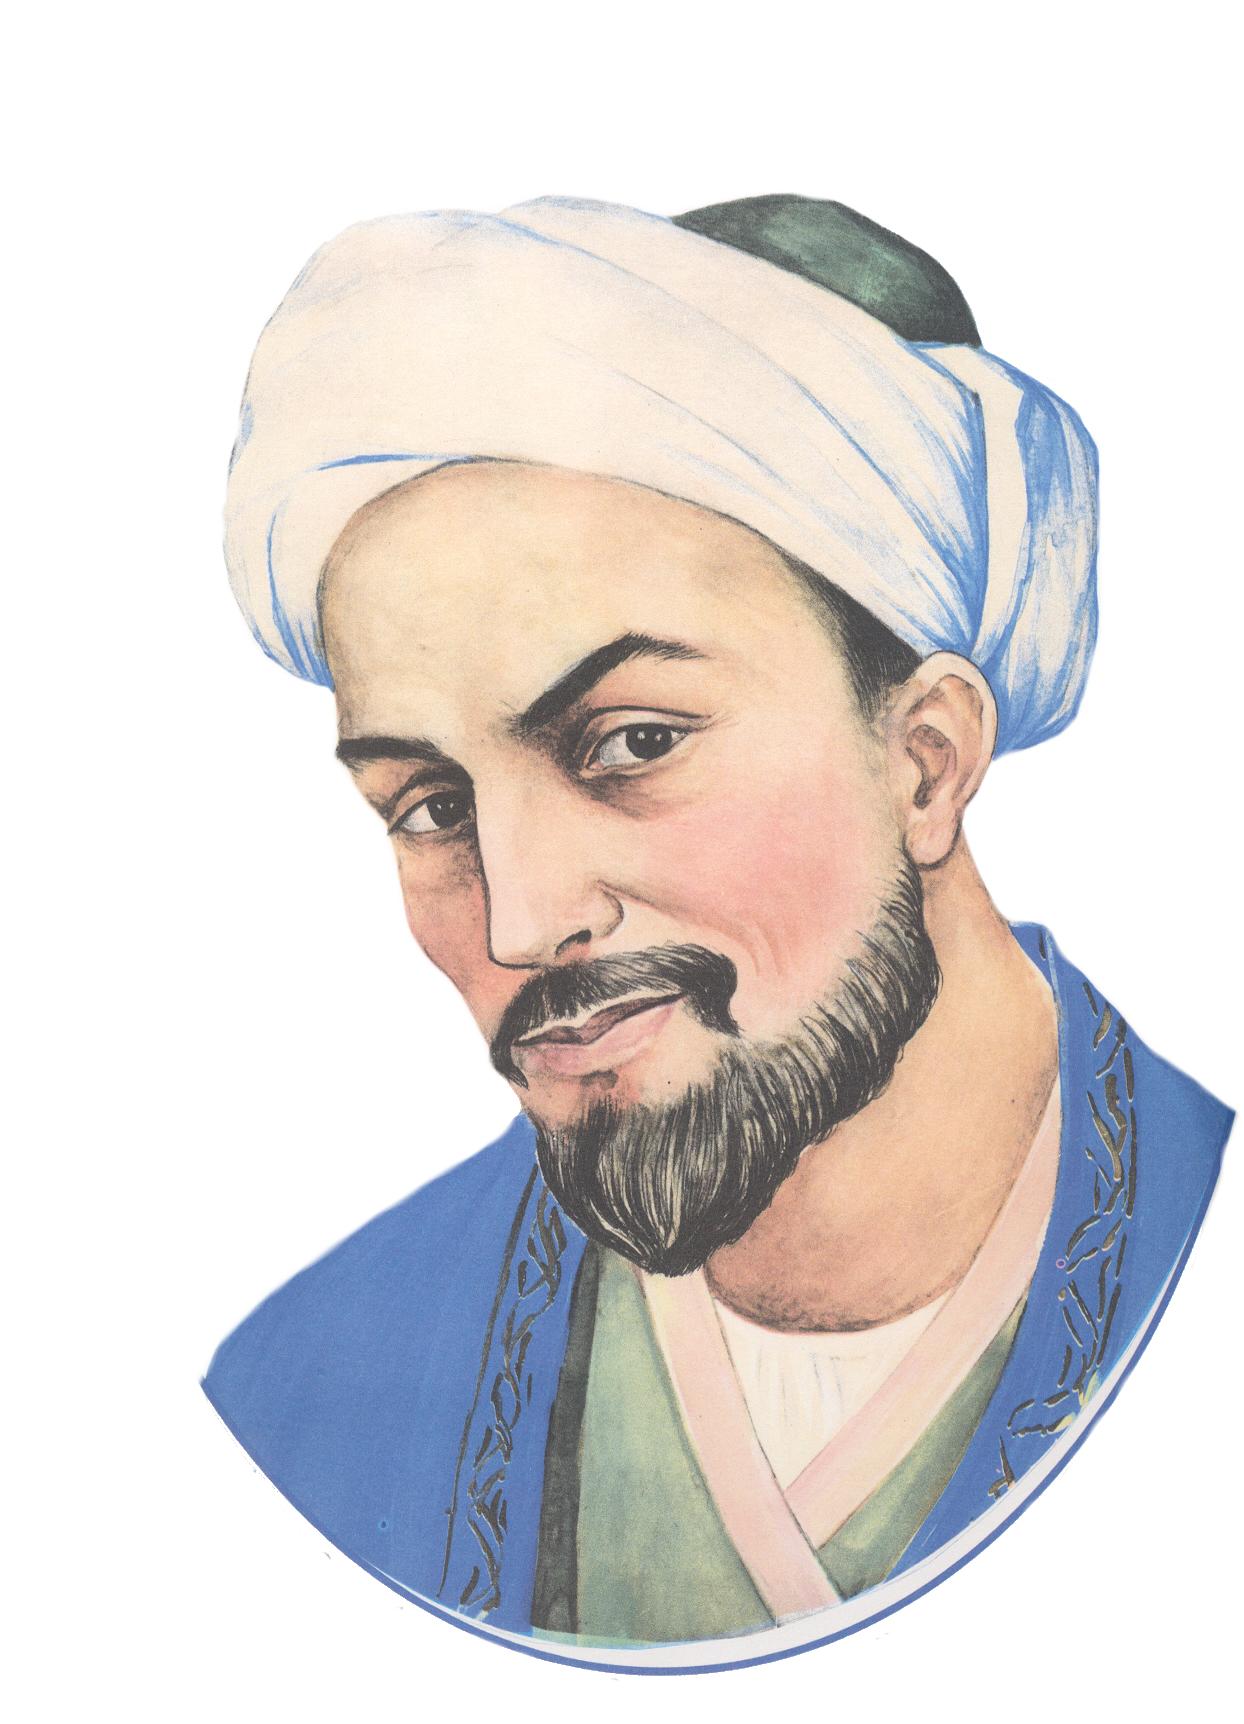 http://en.academic.ru/pictures/enwiki/83/Saadi_sherozi.jpg